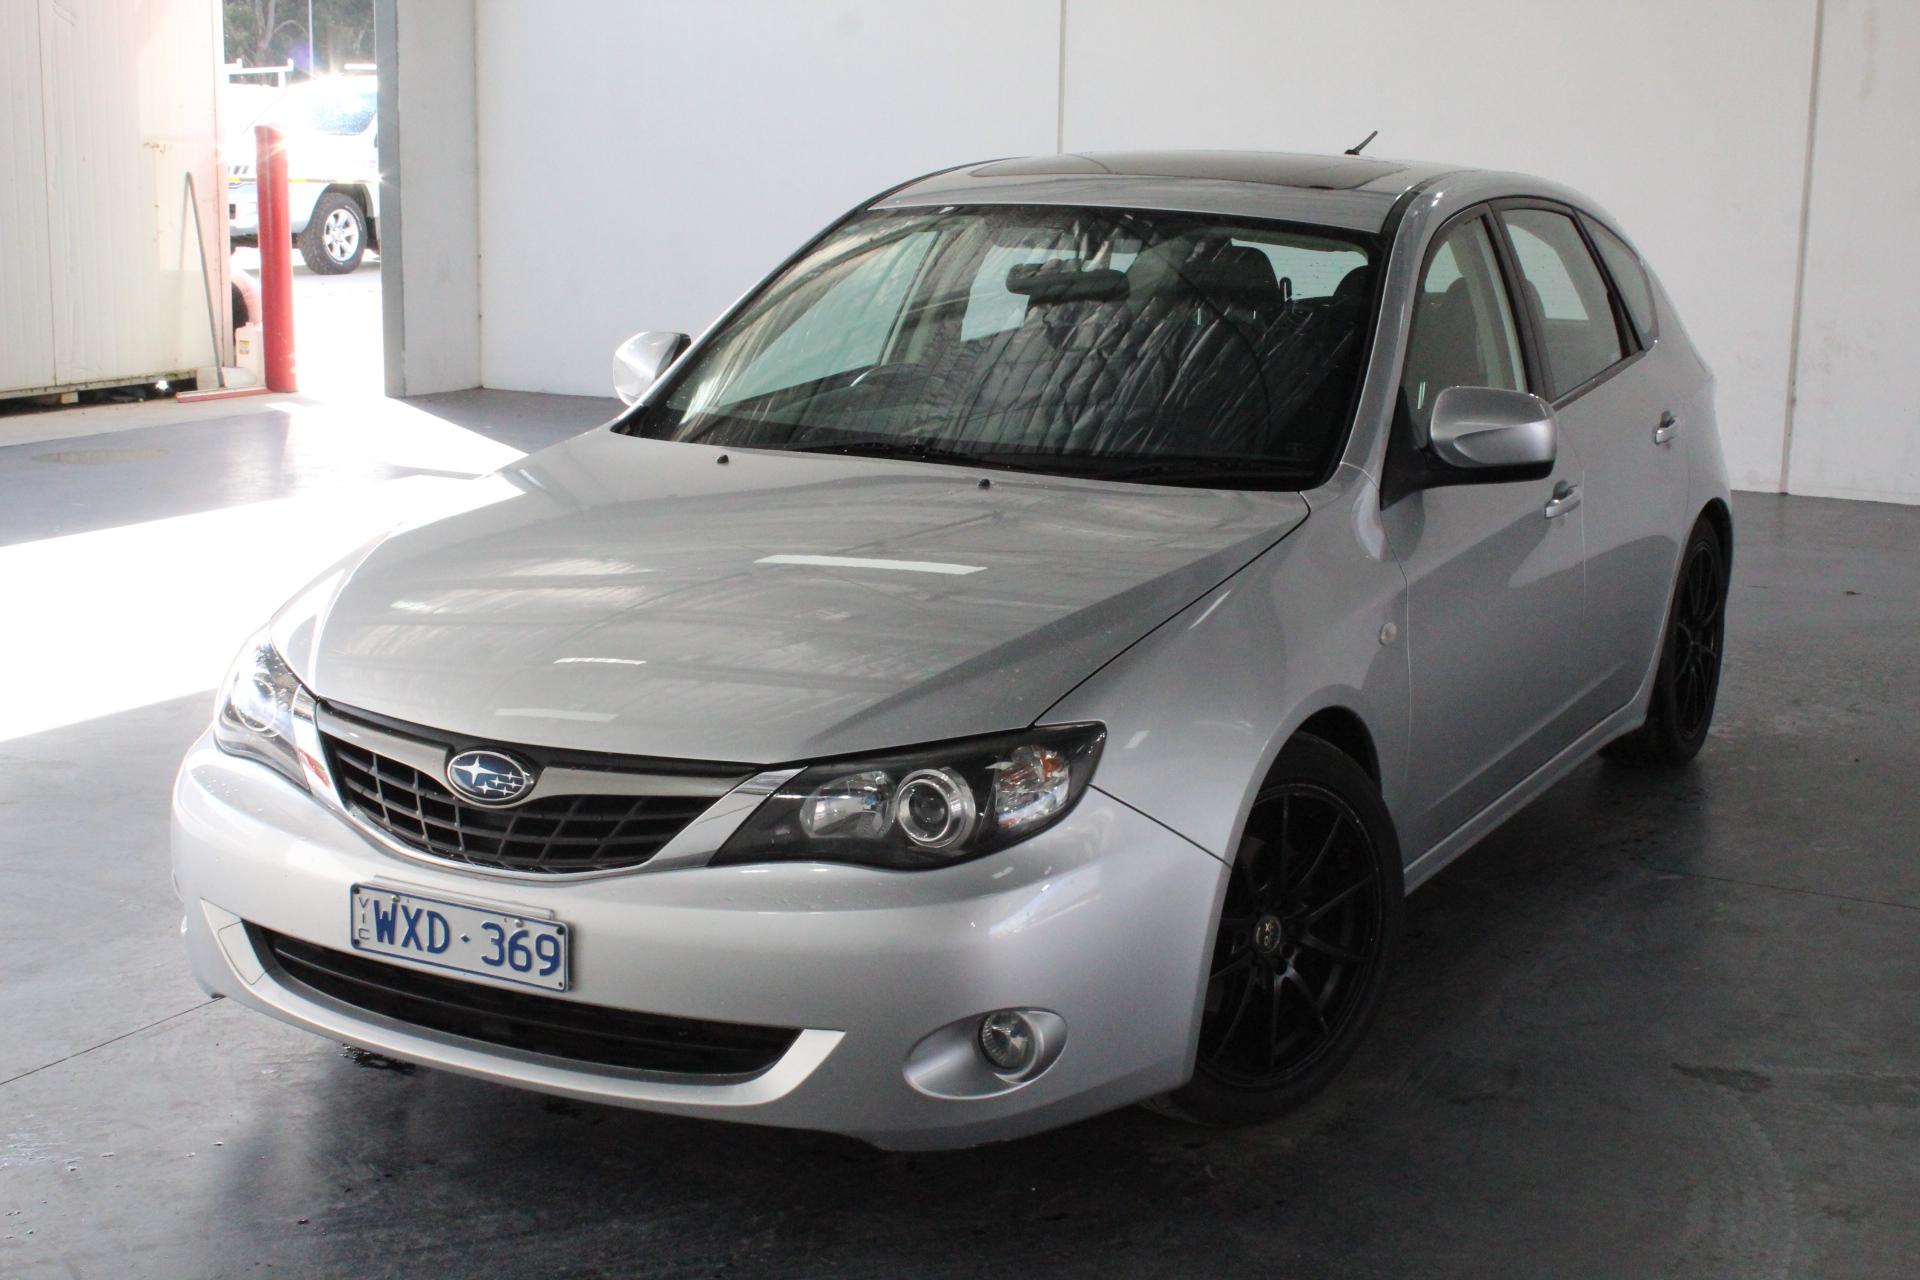 2009 Subaru Impreza RX (AWD) G3 Automatic Hatchback